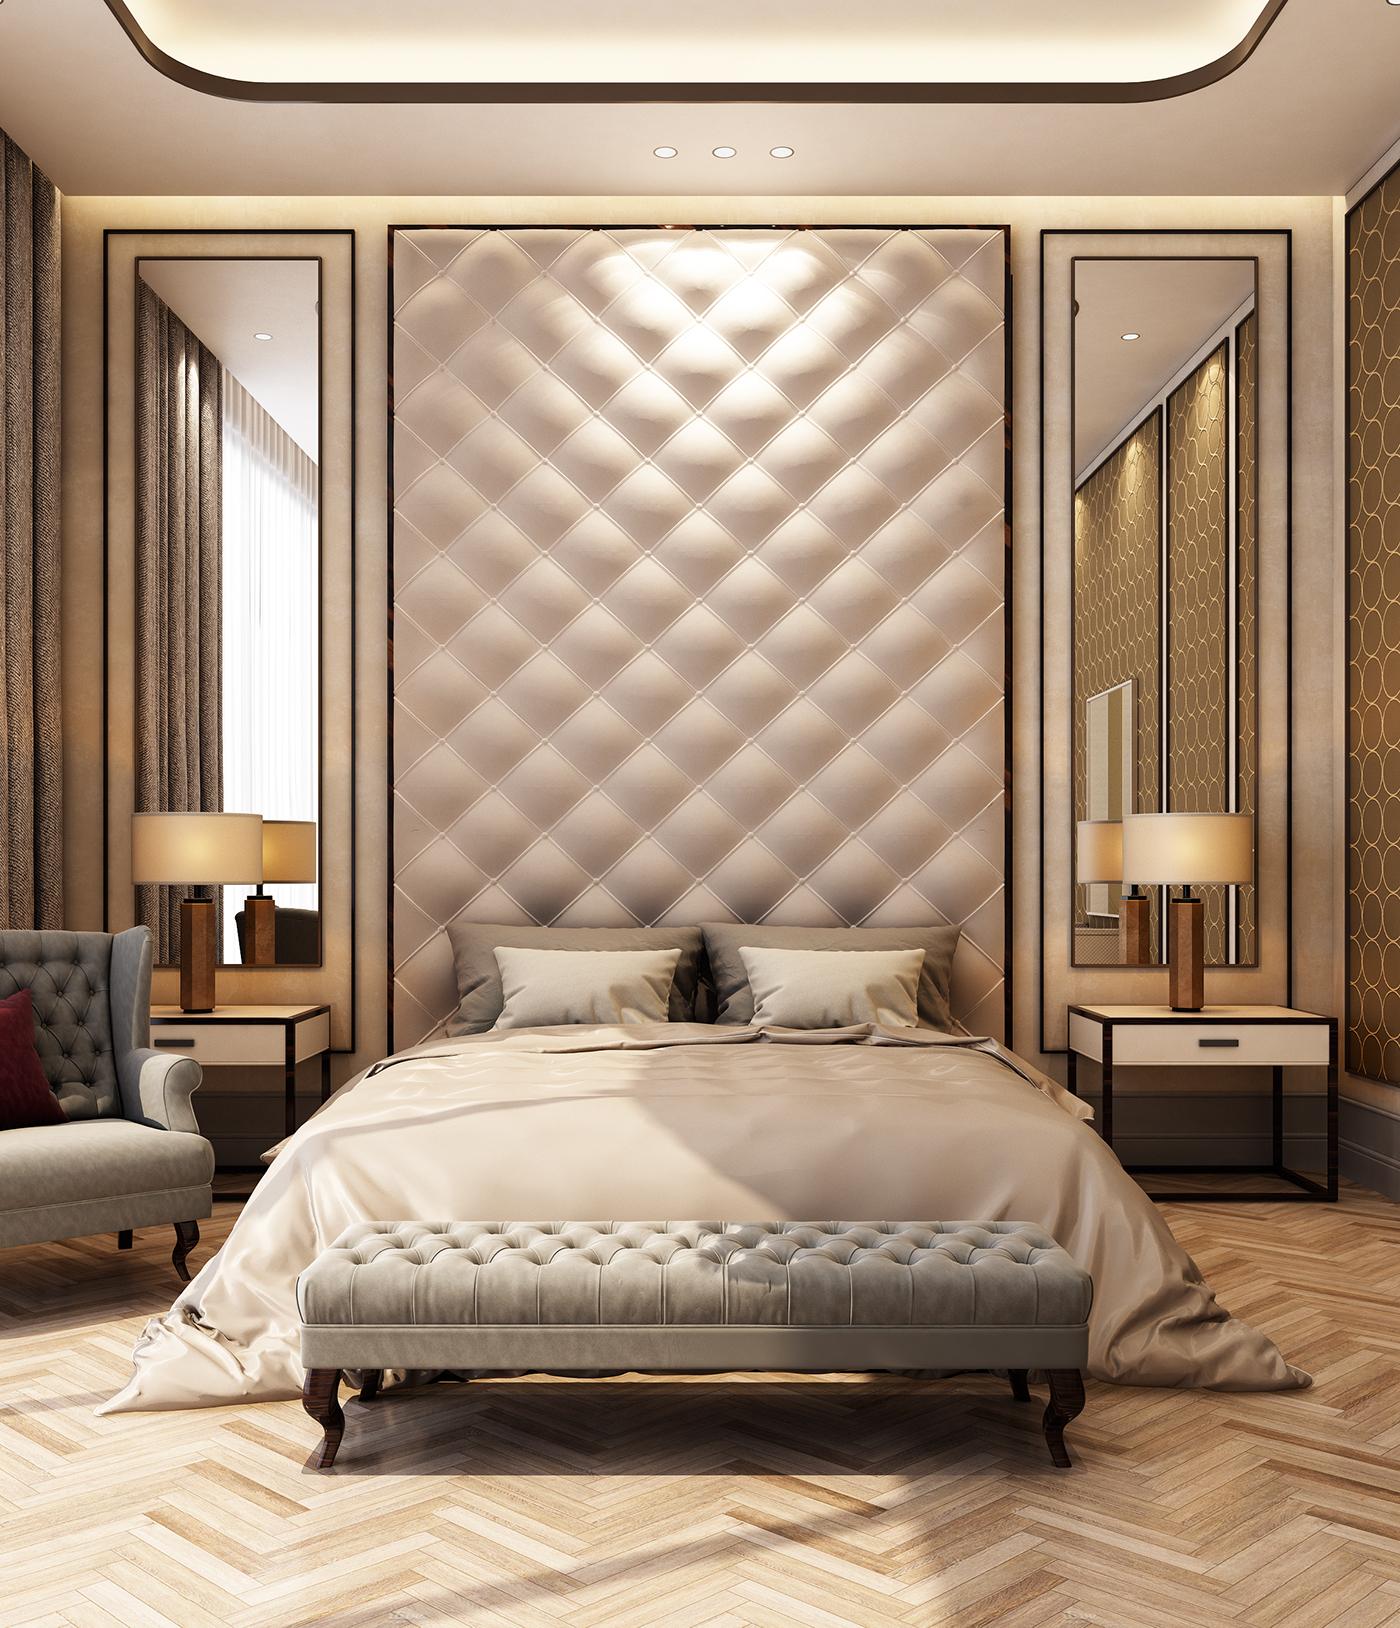 Luxury Master Bedroom Dubai On Behance: LUXURY ROOM On Behance